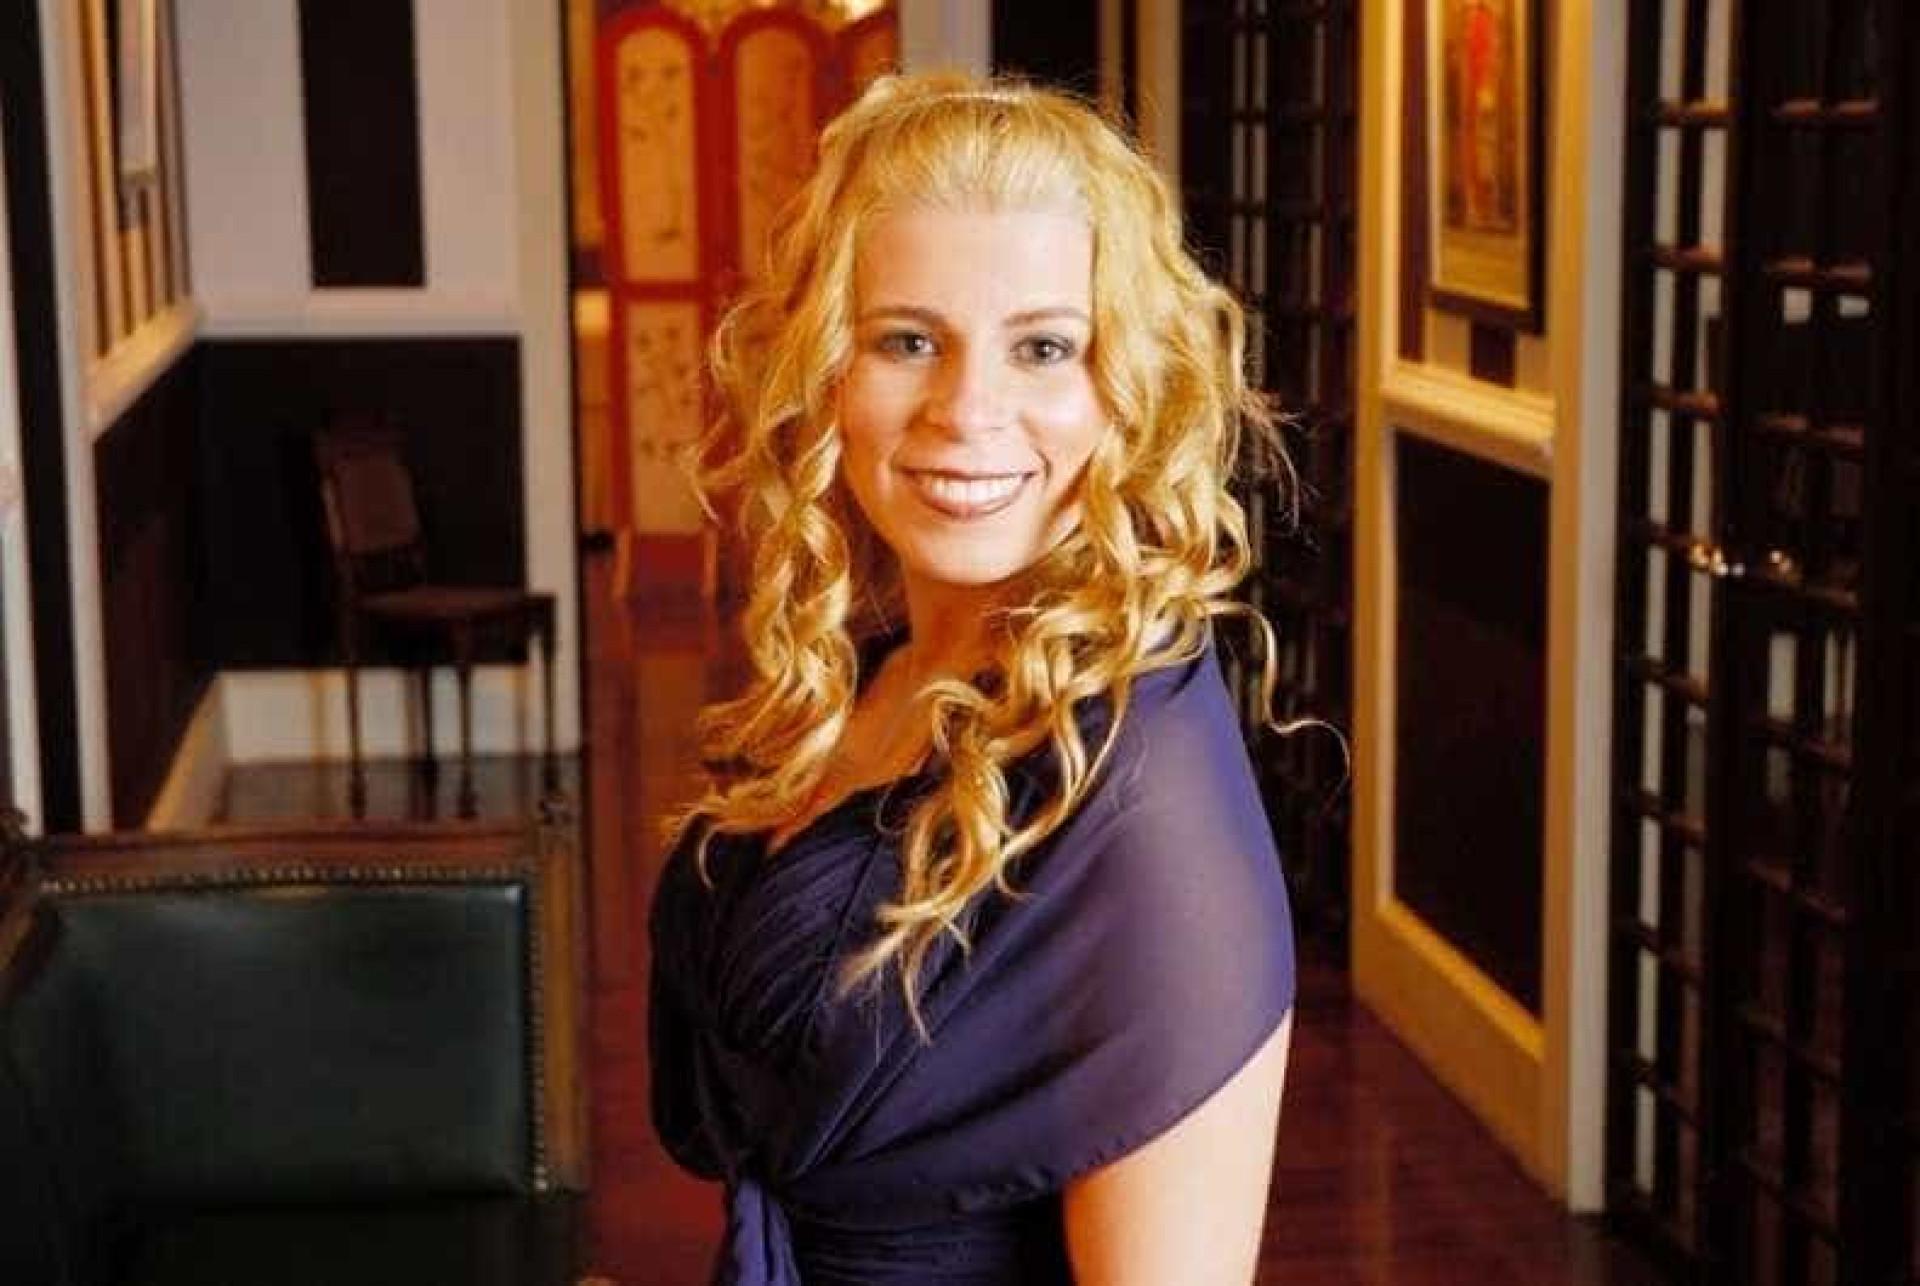 Cantora gospel vive romance com  pastor casado e fica grávida